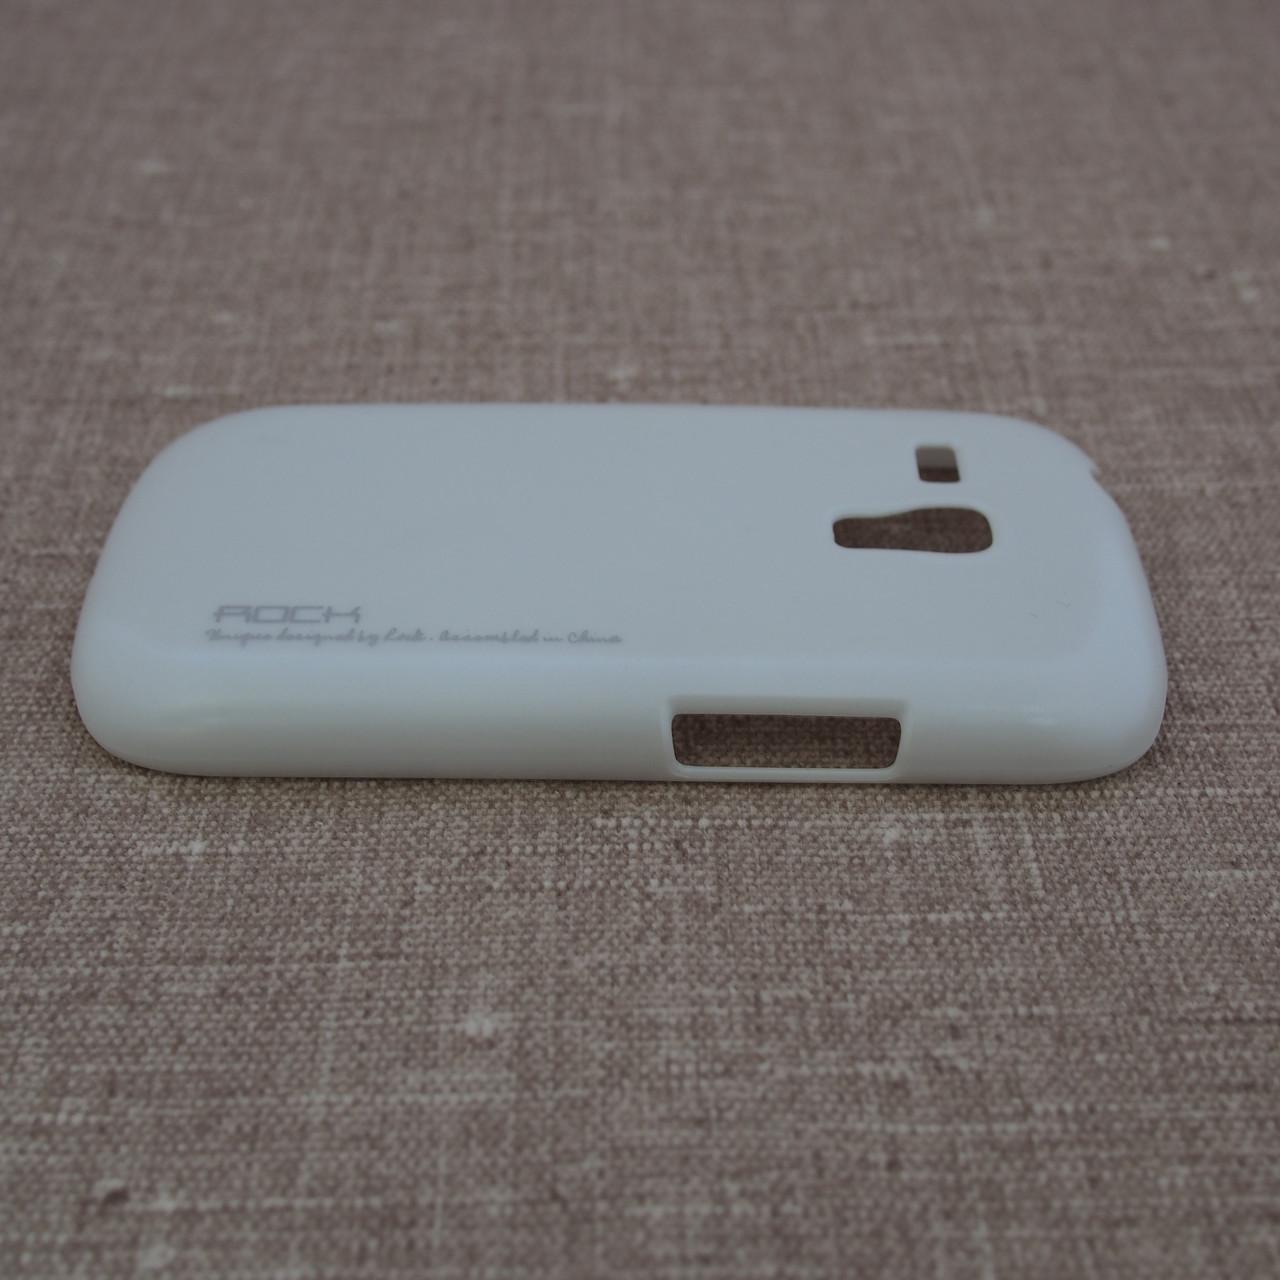 Чехлы для Galaxy S Series (остальные модели) ROCK New NakedShell Samsung S3 mini white Для телефона i8190